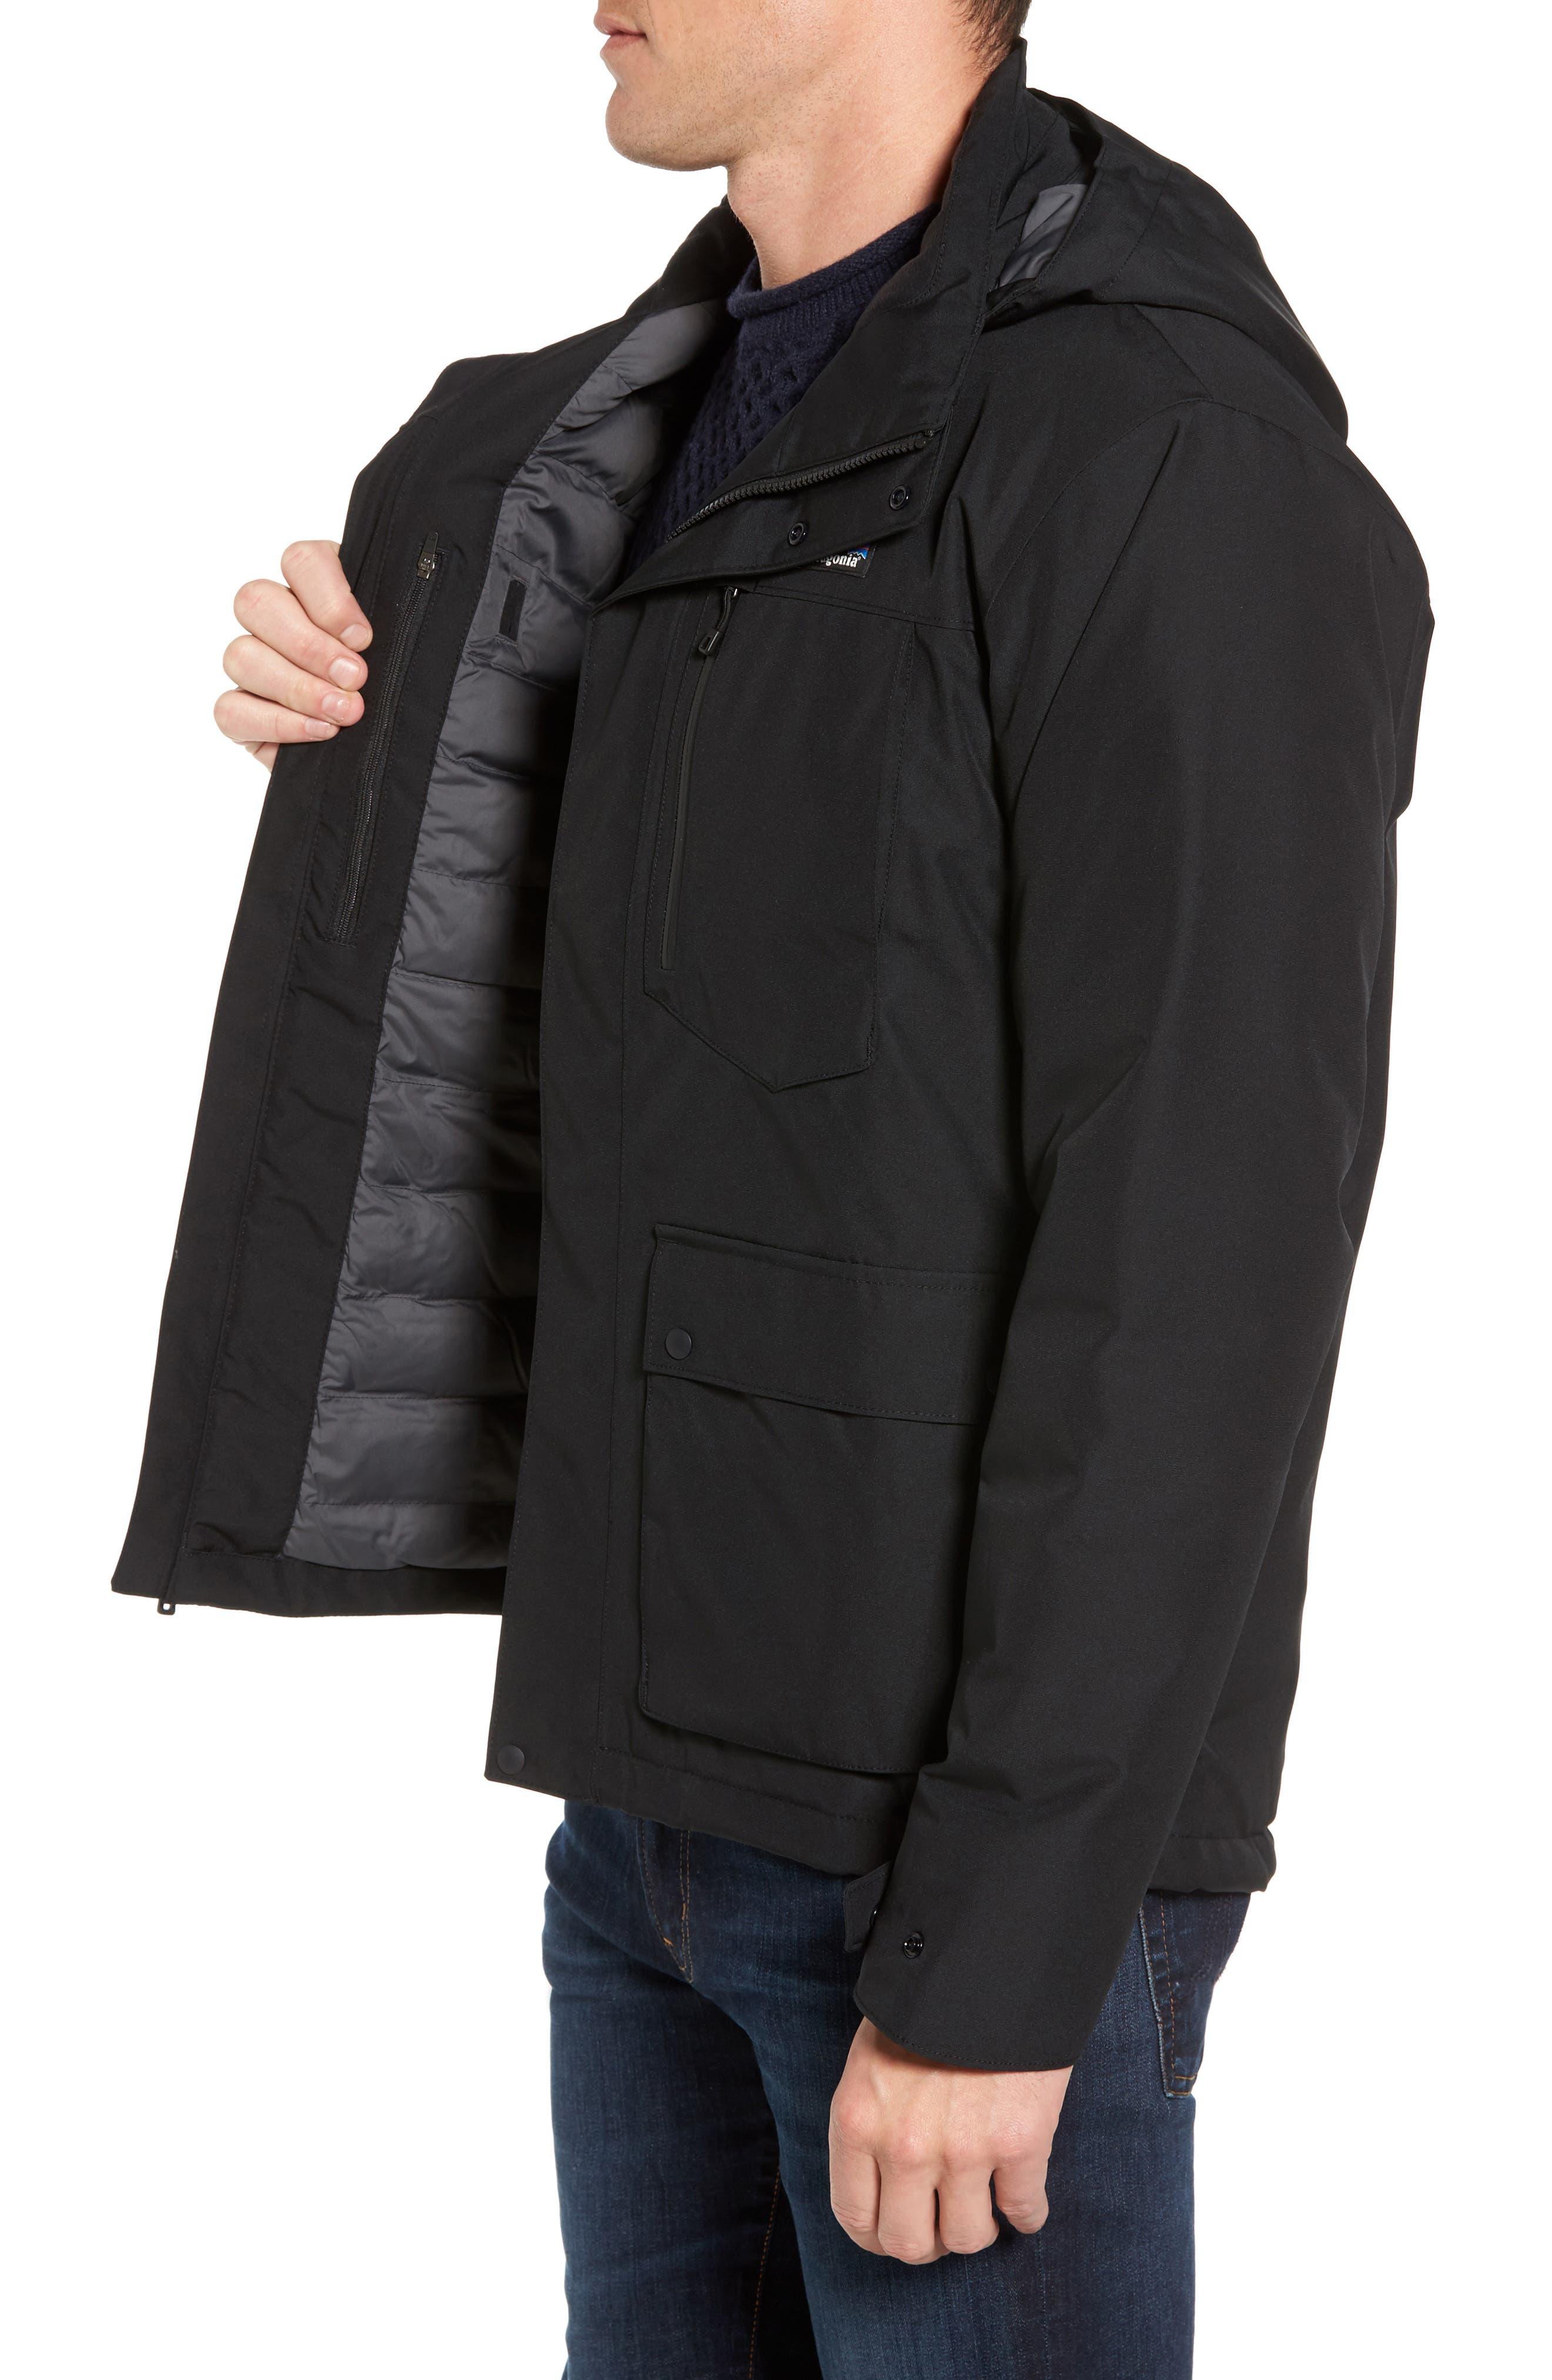 Topley Waterproof Down Jacket,                             Alternate thumbnail 3, color,                             001